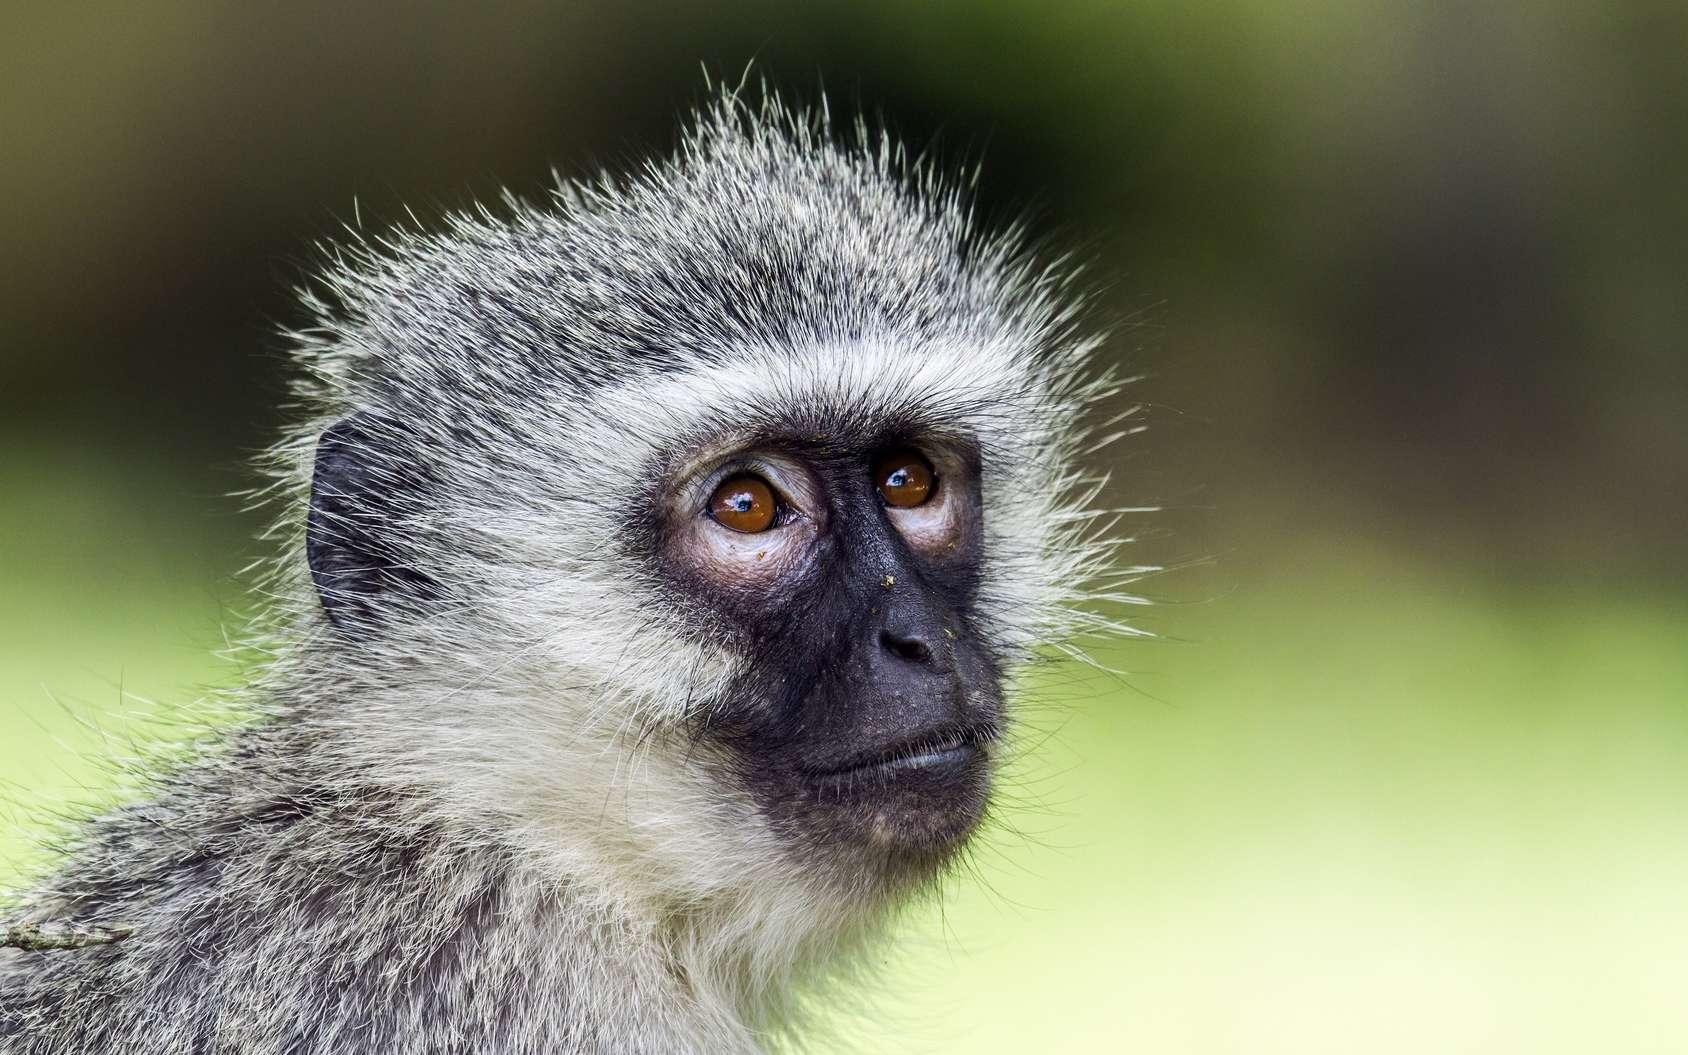 Le vervet est un singe de la famille des cercopithécidés, du genre Chlorocebus. Comme d'autres singes qui ne sont du genre Cercopithecus, il peut être désigné par le teme vernaculaire de cercopithèque. © UTOPIA, Fotolia